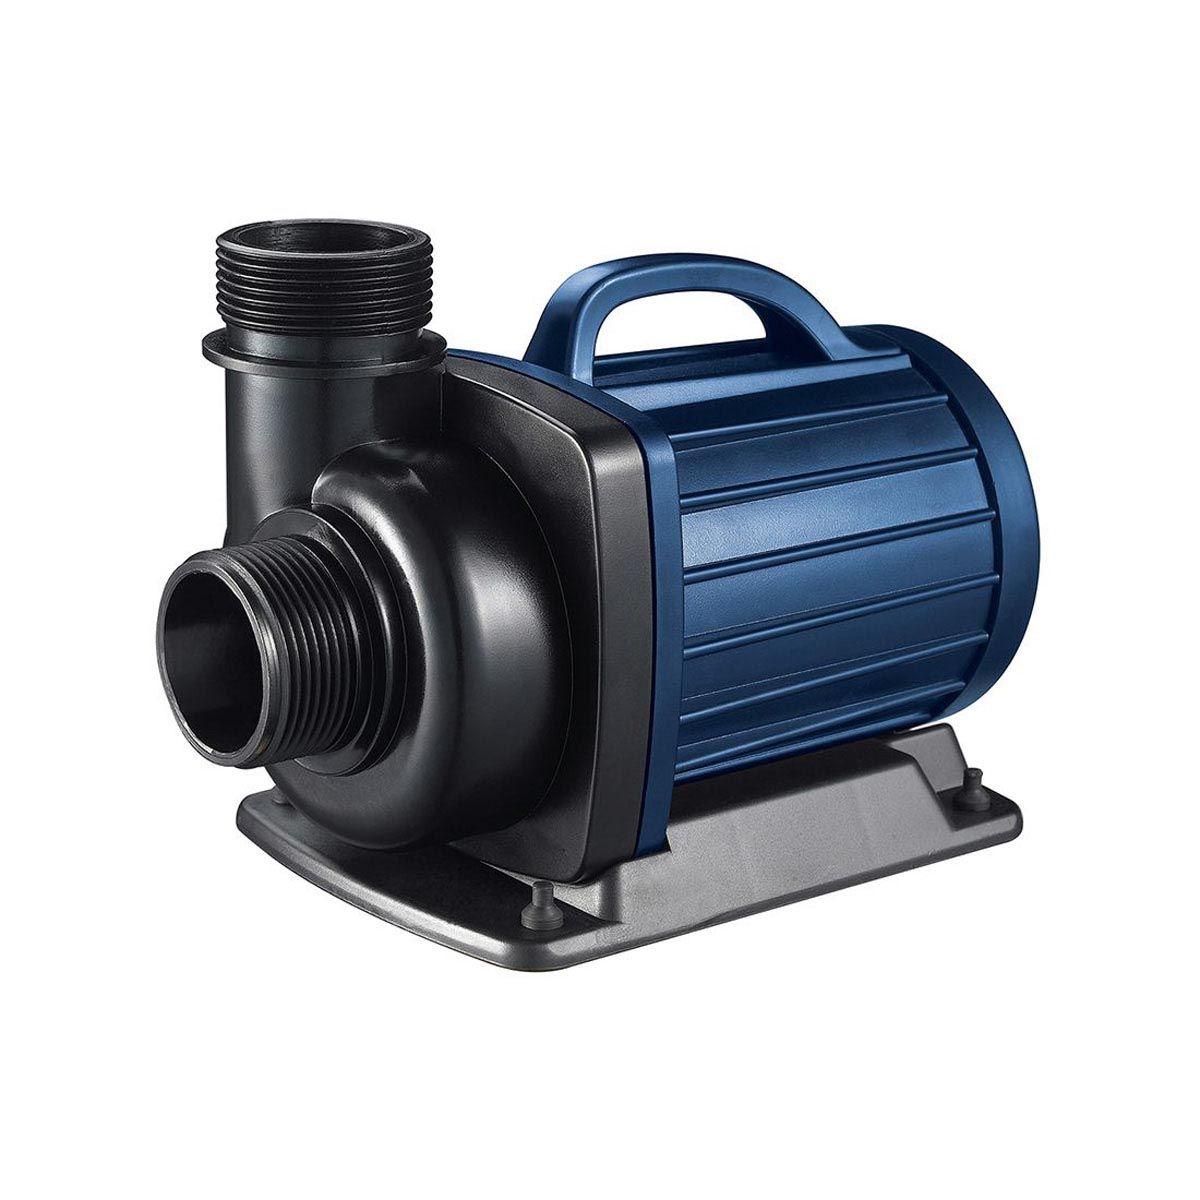 Teichpumpe Vario 10000, mit Frequenzsteuerung, H max. 5.0 m, Q max. 9000 l/h, 0.085 kW